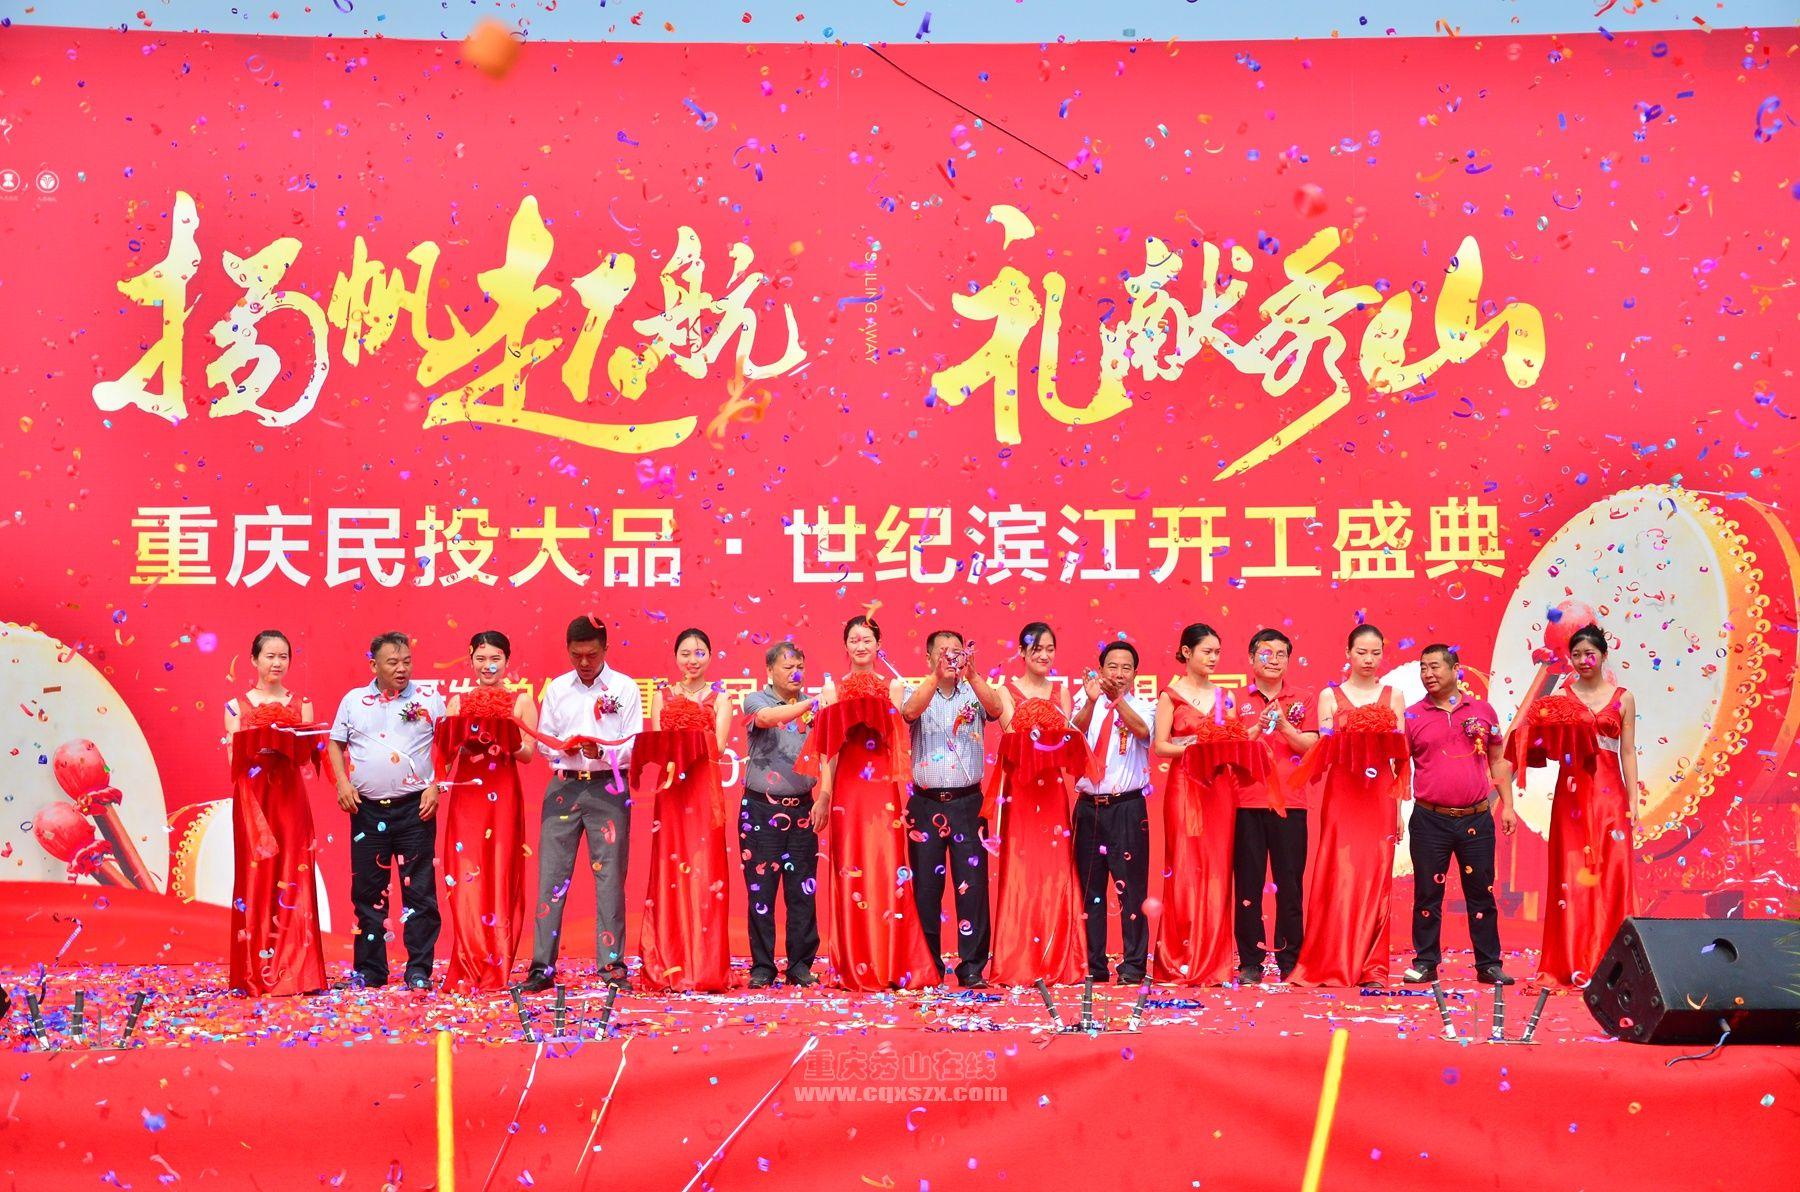 2018年6月16日,重庆民投大品•世纪滨江项目开工盛典在项目施工现场隆重举行。